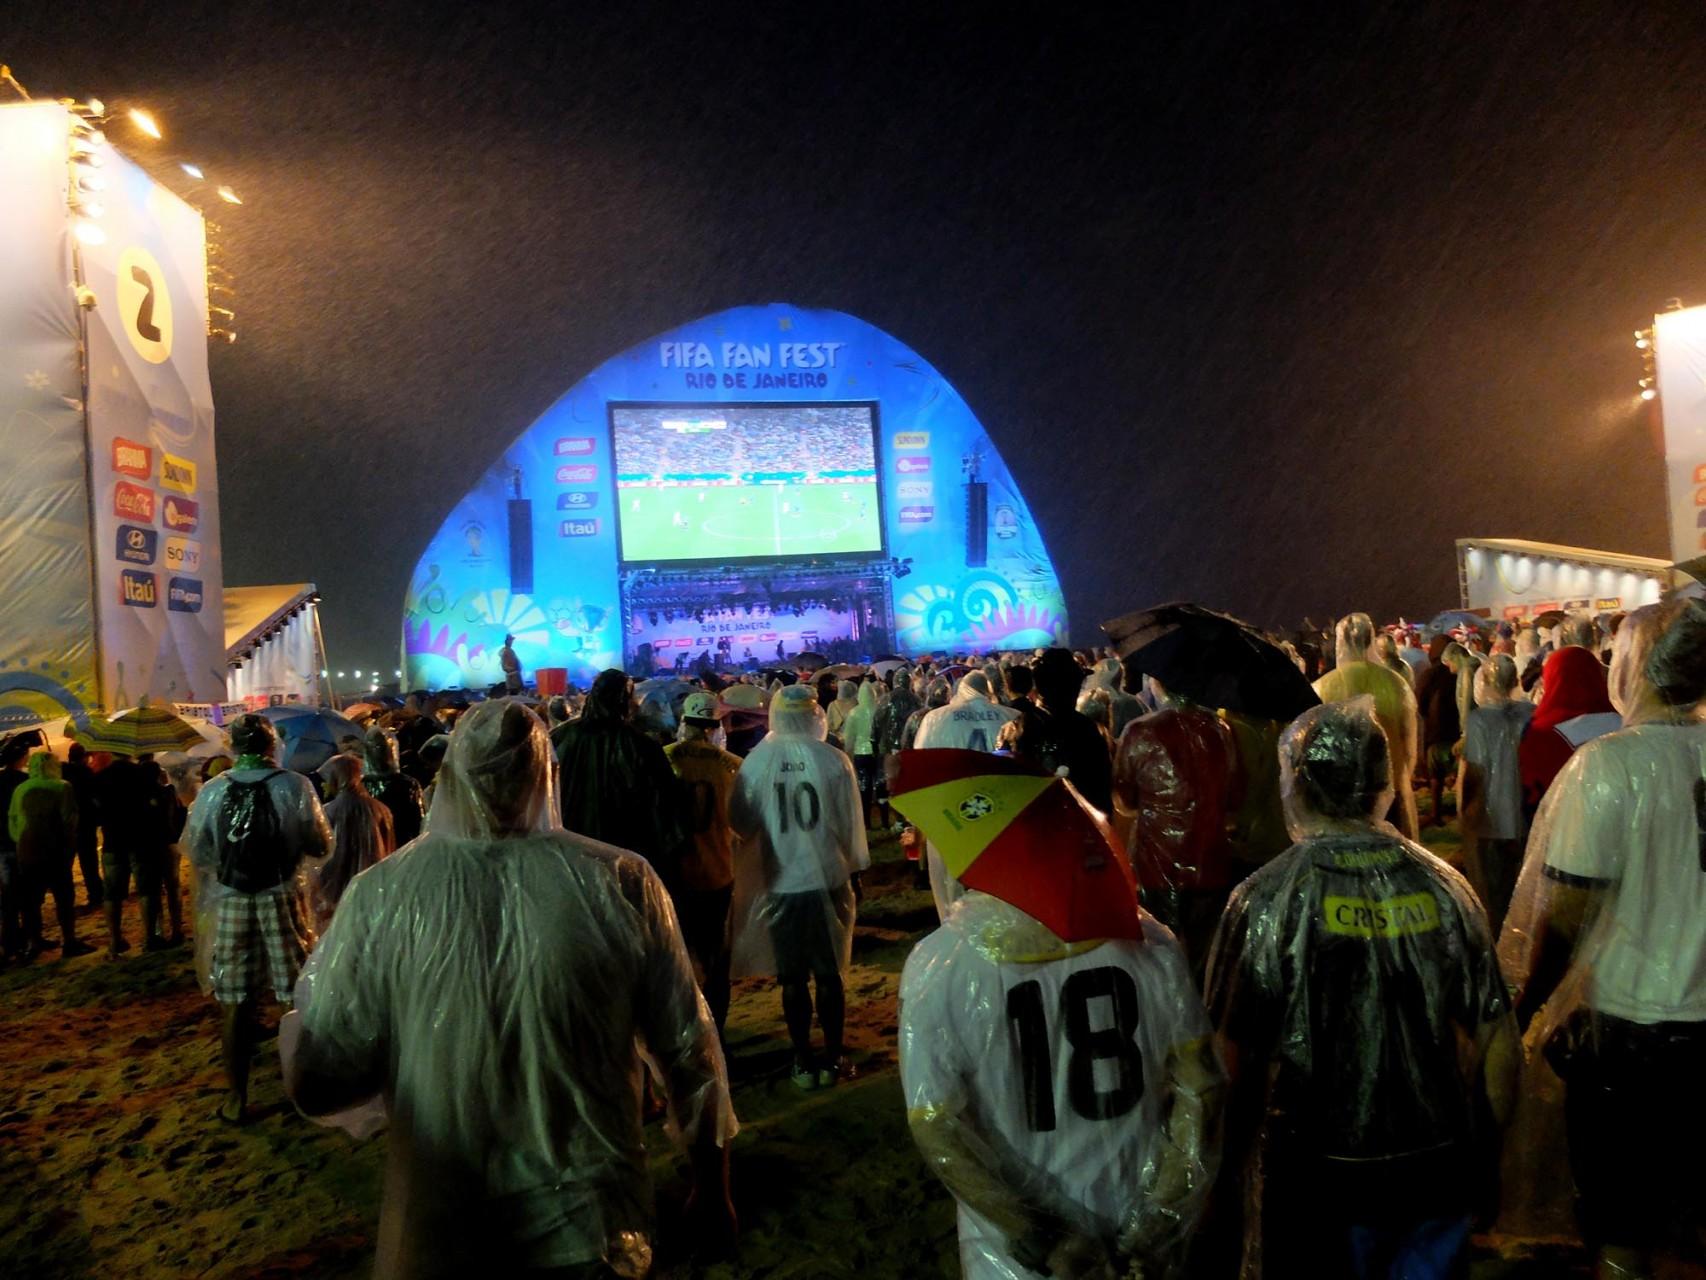 Ni la lluvia ha impedido a los fanáticos vivir la experiencia y el sueño del Mundial.